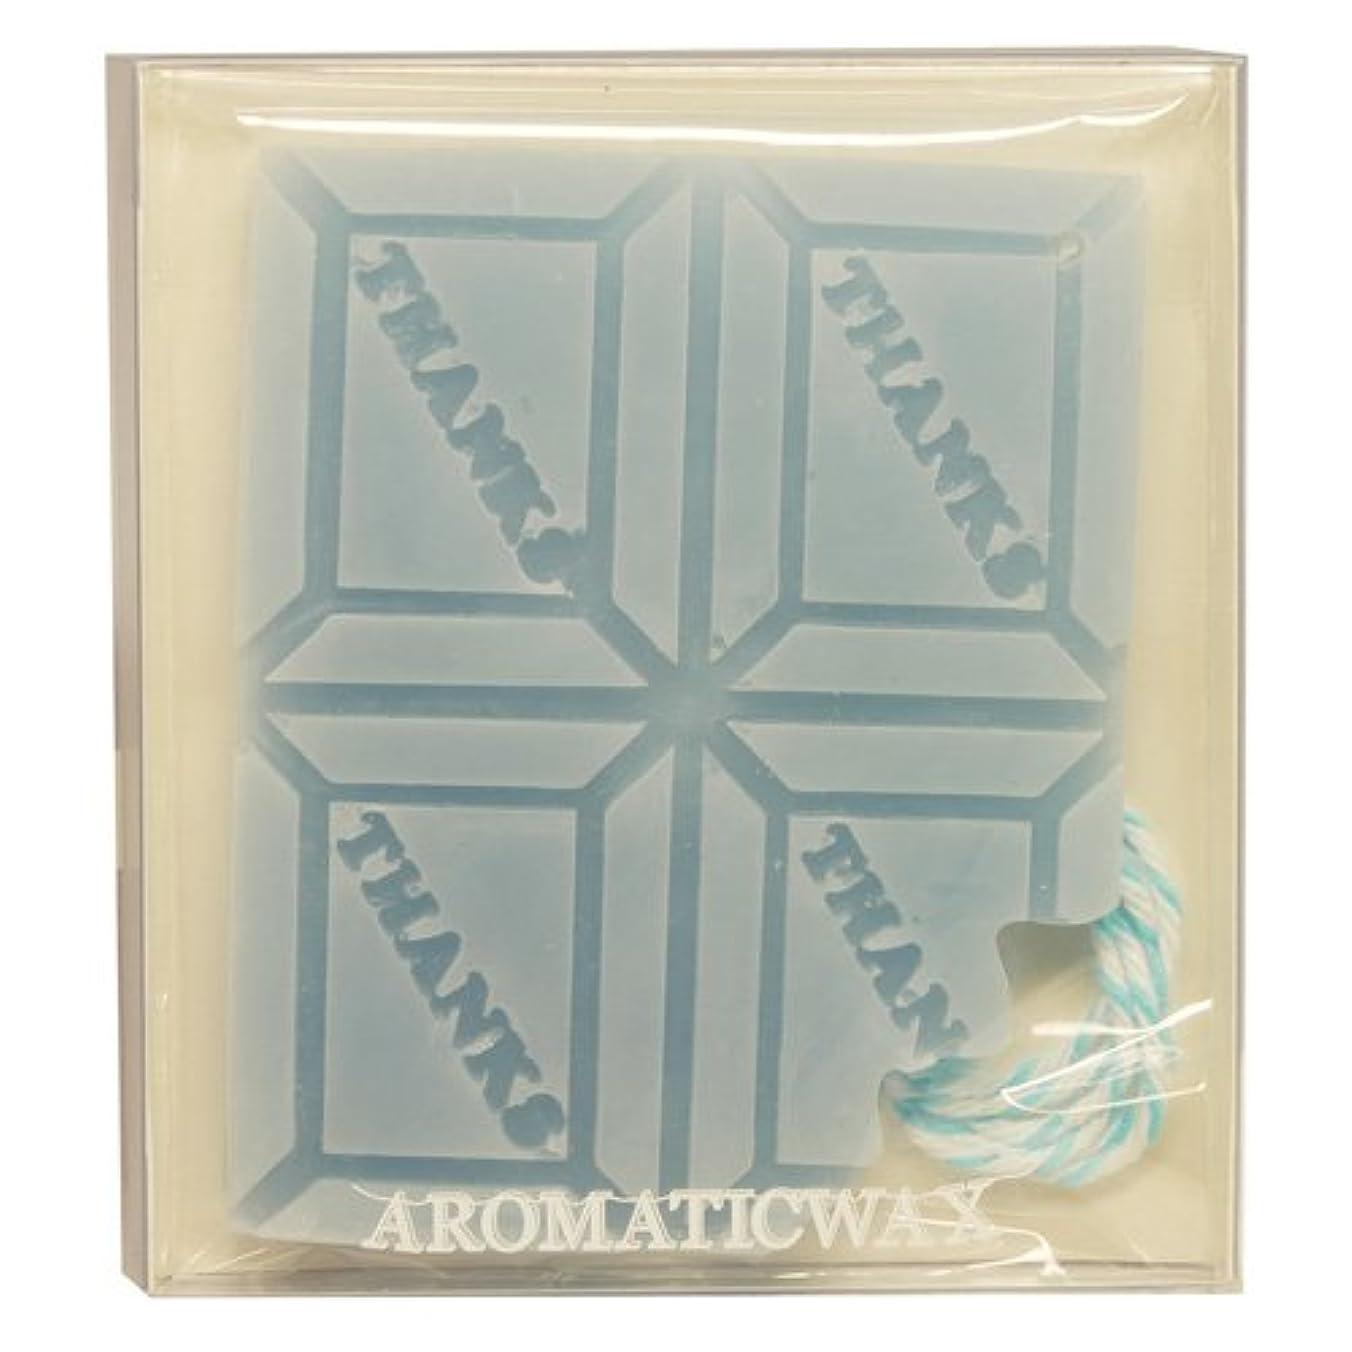 引く熟練したウェブGRASSE TOKYO AROMATICWAXチャーム「板チョコ(THANKS)」(BL) ローズマリー アロマティックワックス グラーストウキョウ